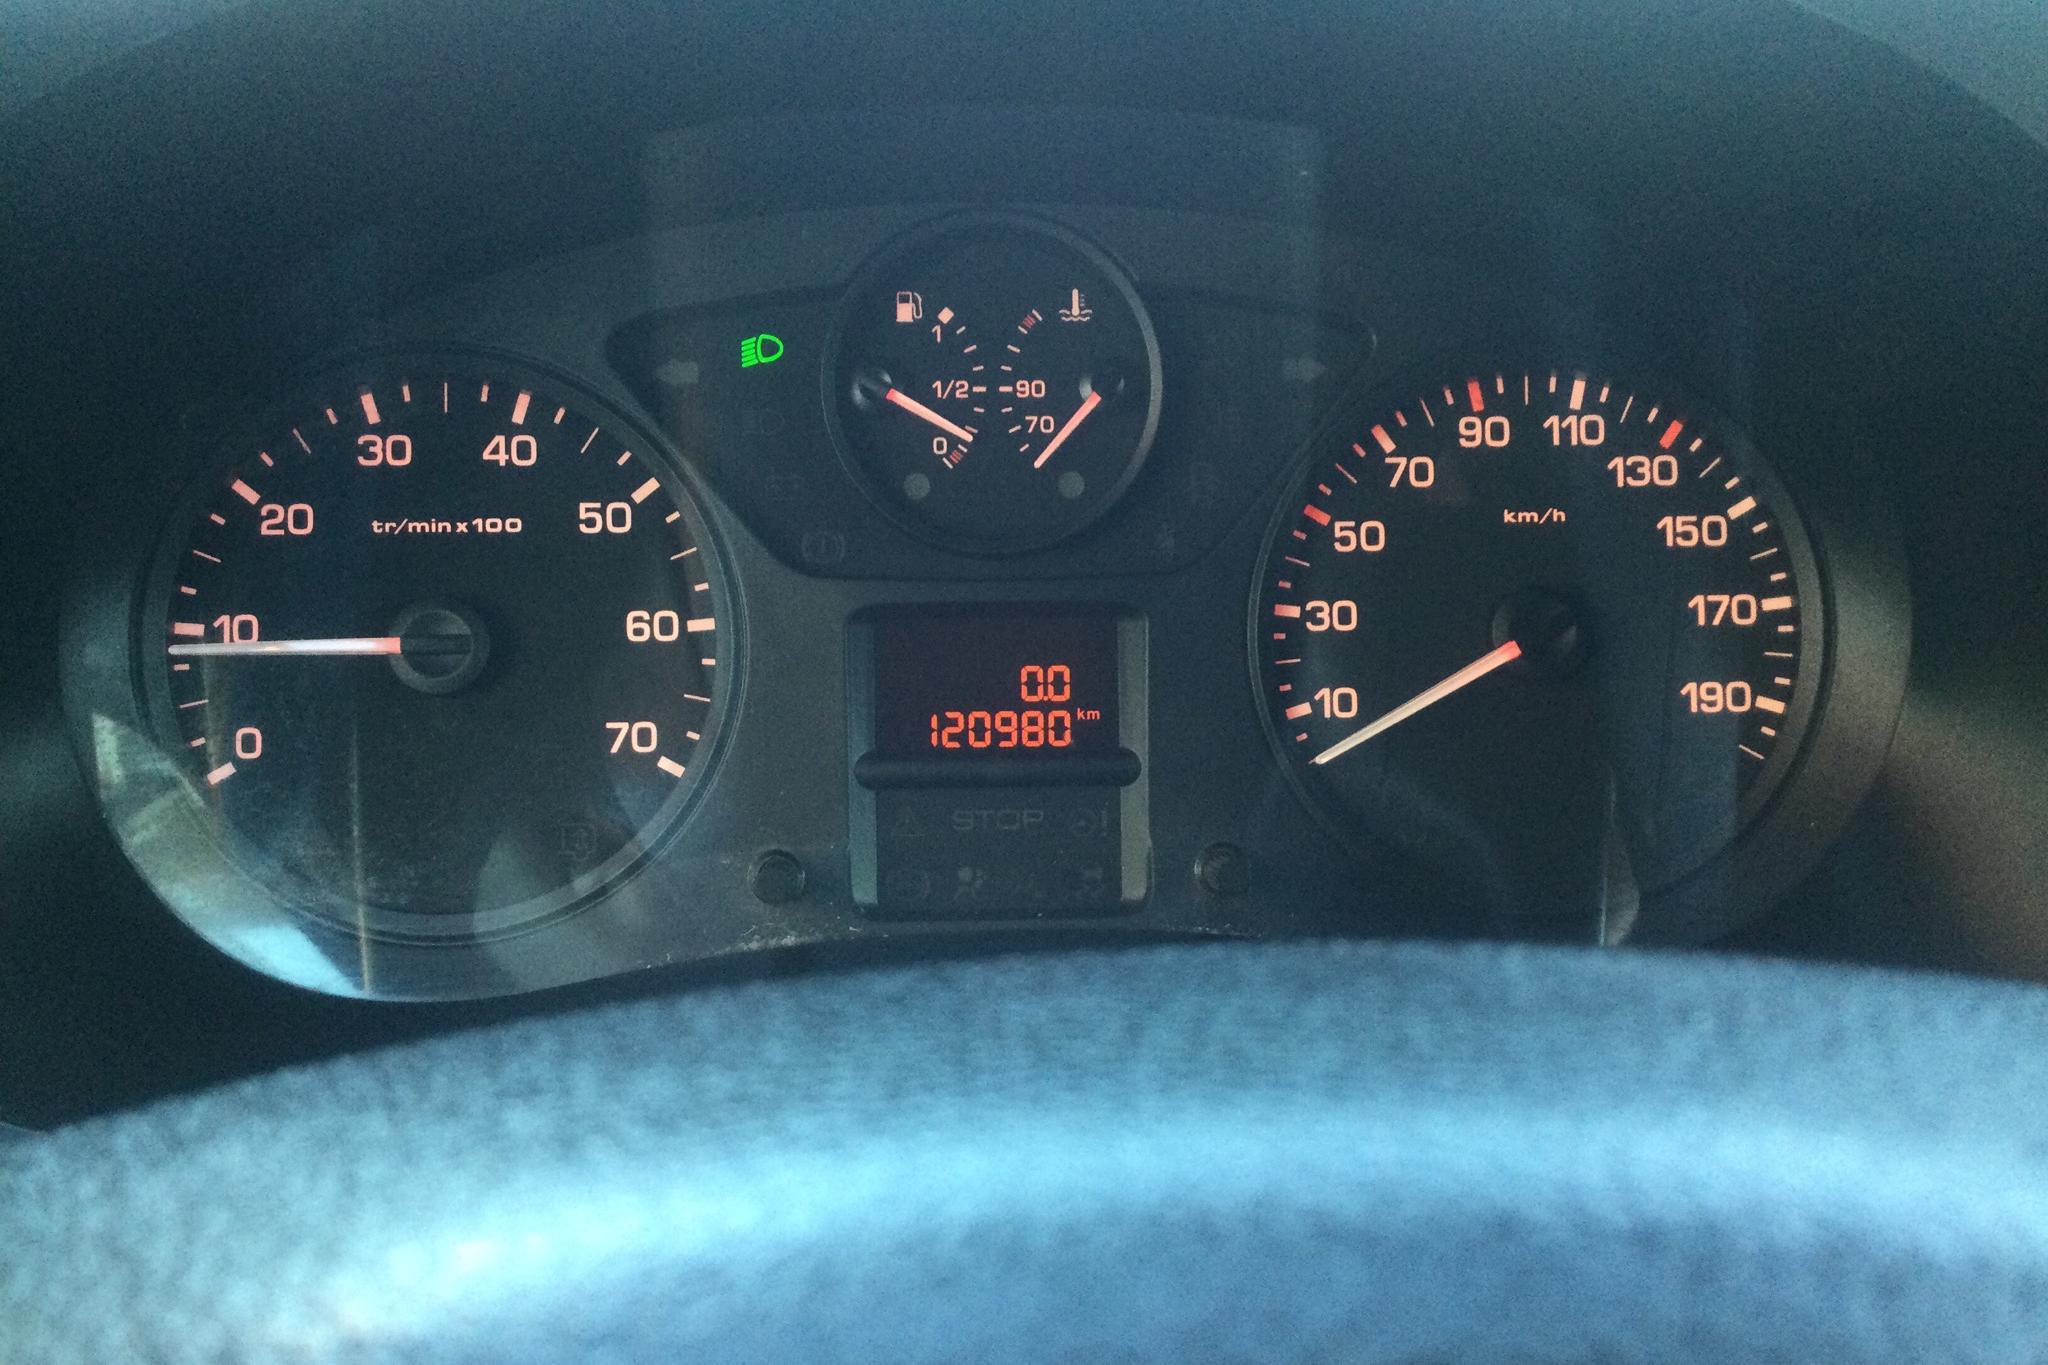 Peugeot Partner 1.6 e-HDI Skåp (90hk) - 12 098 mil - Manuell - vit - 2014